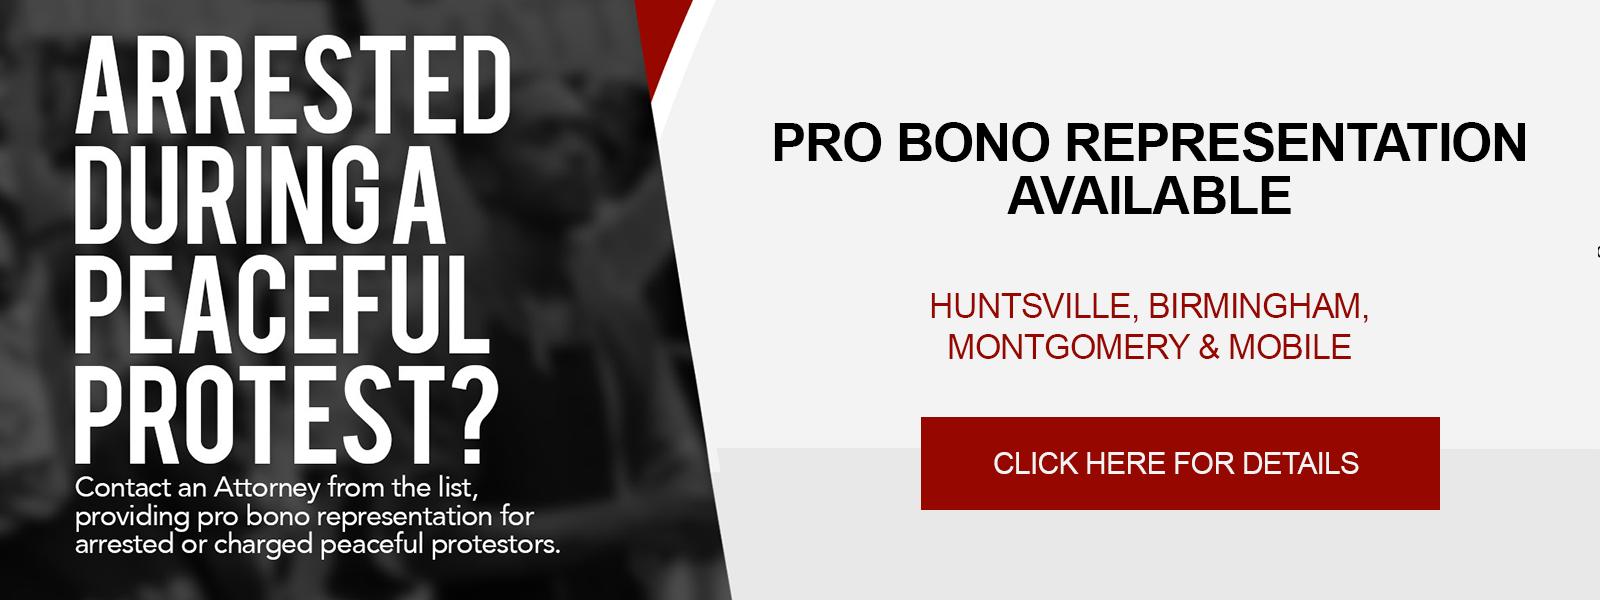 Pro Bono Representation